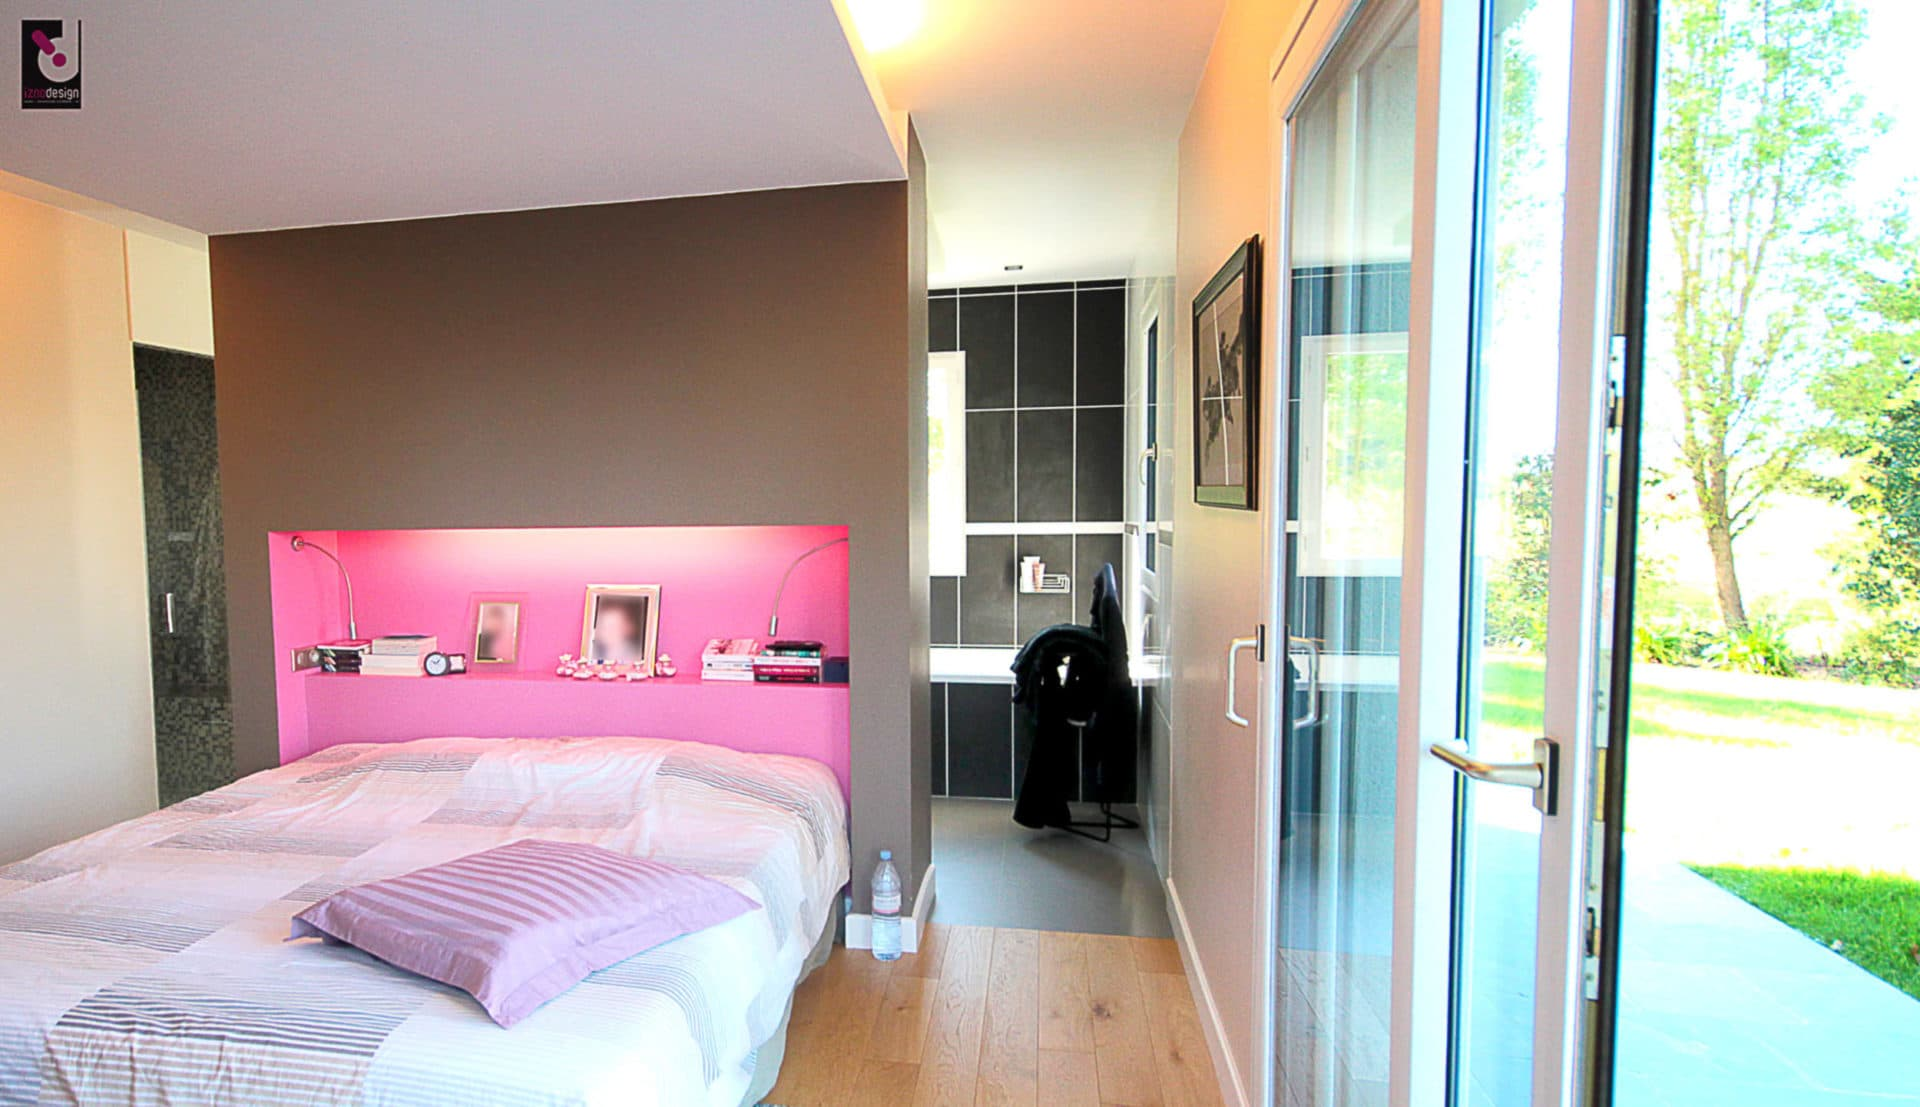 Design architecte d 39 int rieur 3d rennes for Creation suite parentale